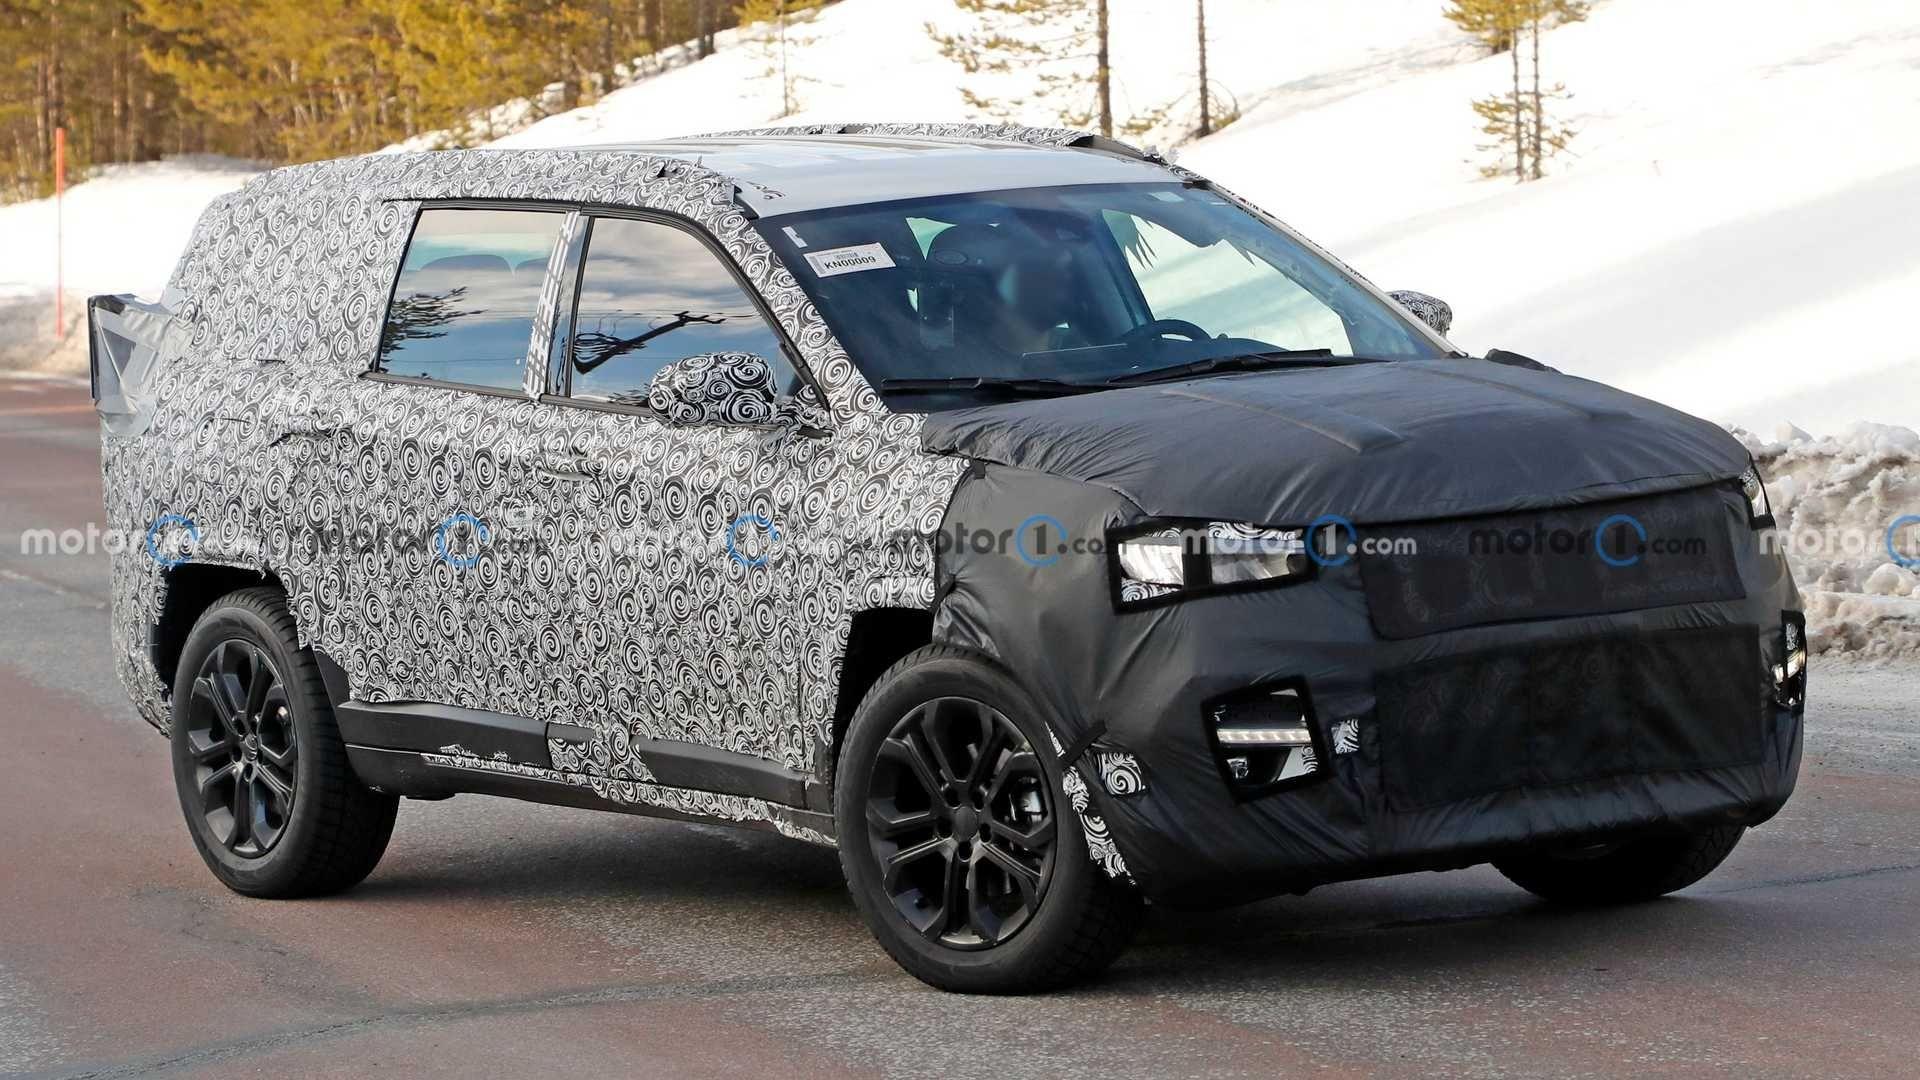 El nuevo Jeep de siete asientos tendrá elementos de Grand Cherokee